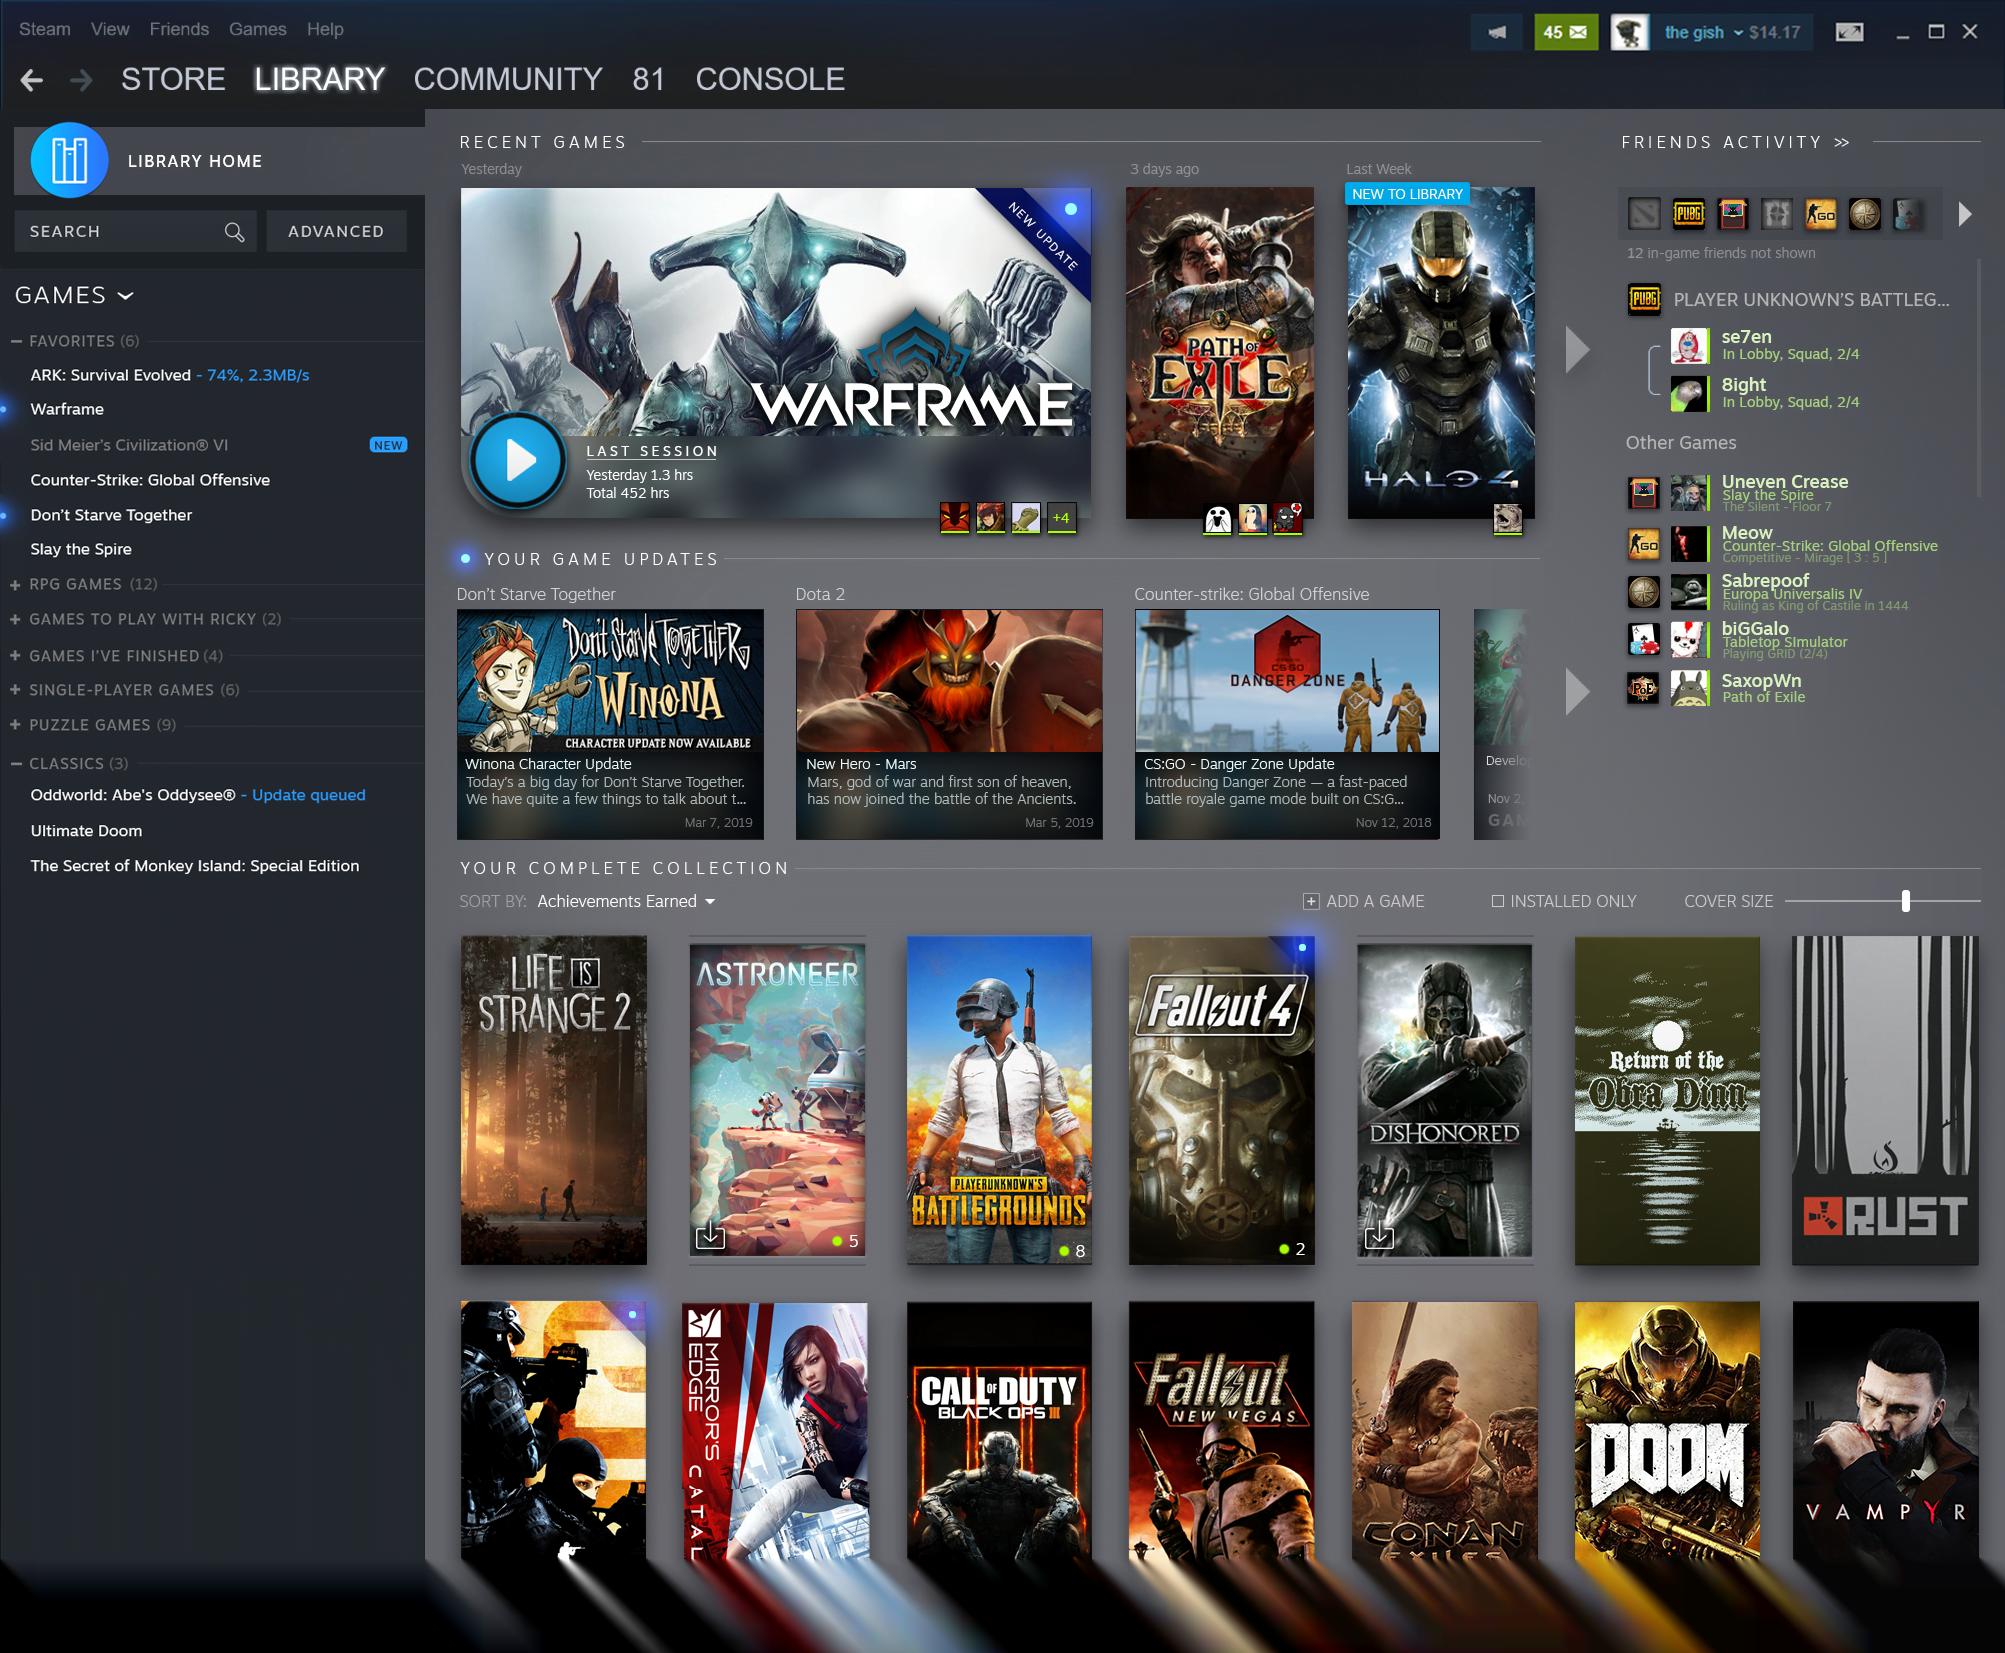 Steam wreszcie dostanie nowy wygląd - Valve pracowało nad odświeżeniem szaty graficznej od miesięcy